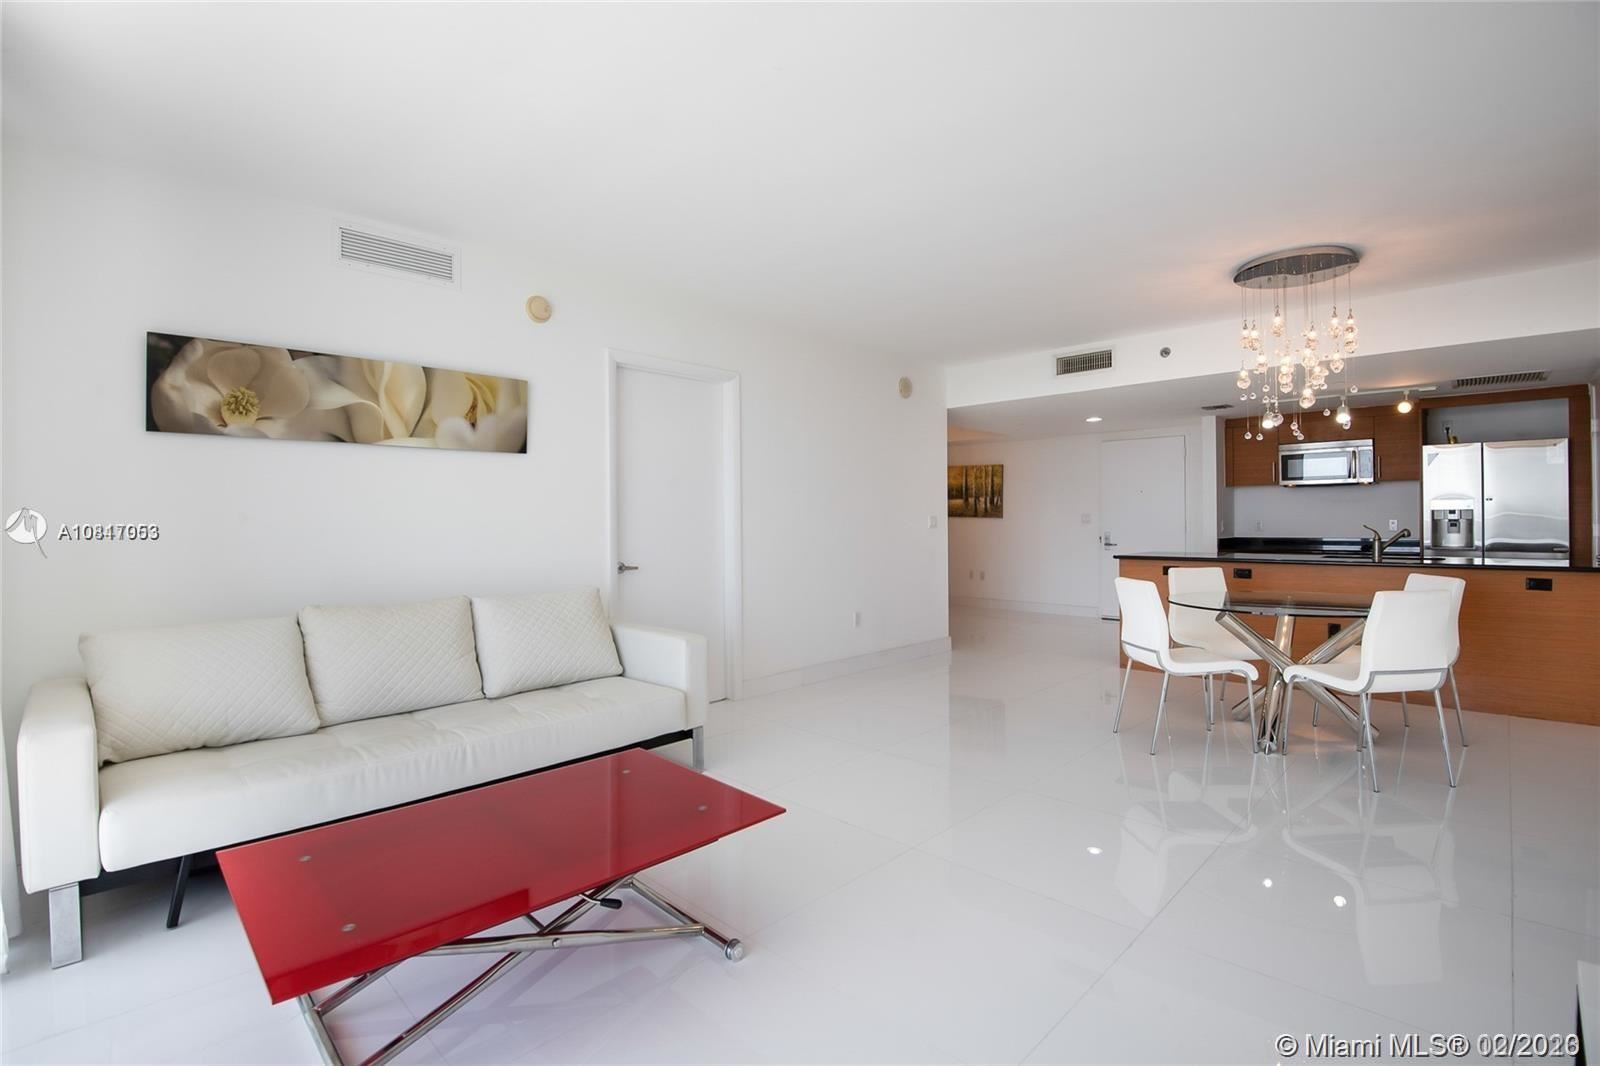 50 Biscayne Blvd #3408, Miami, FL 33132 - #: A10817053